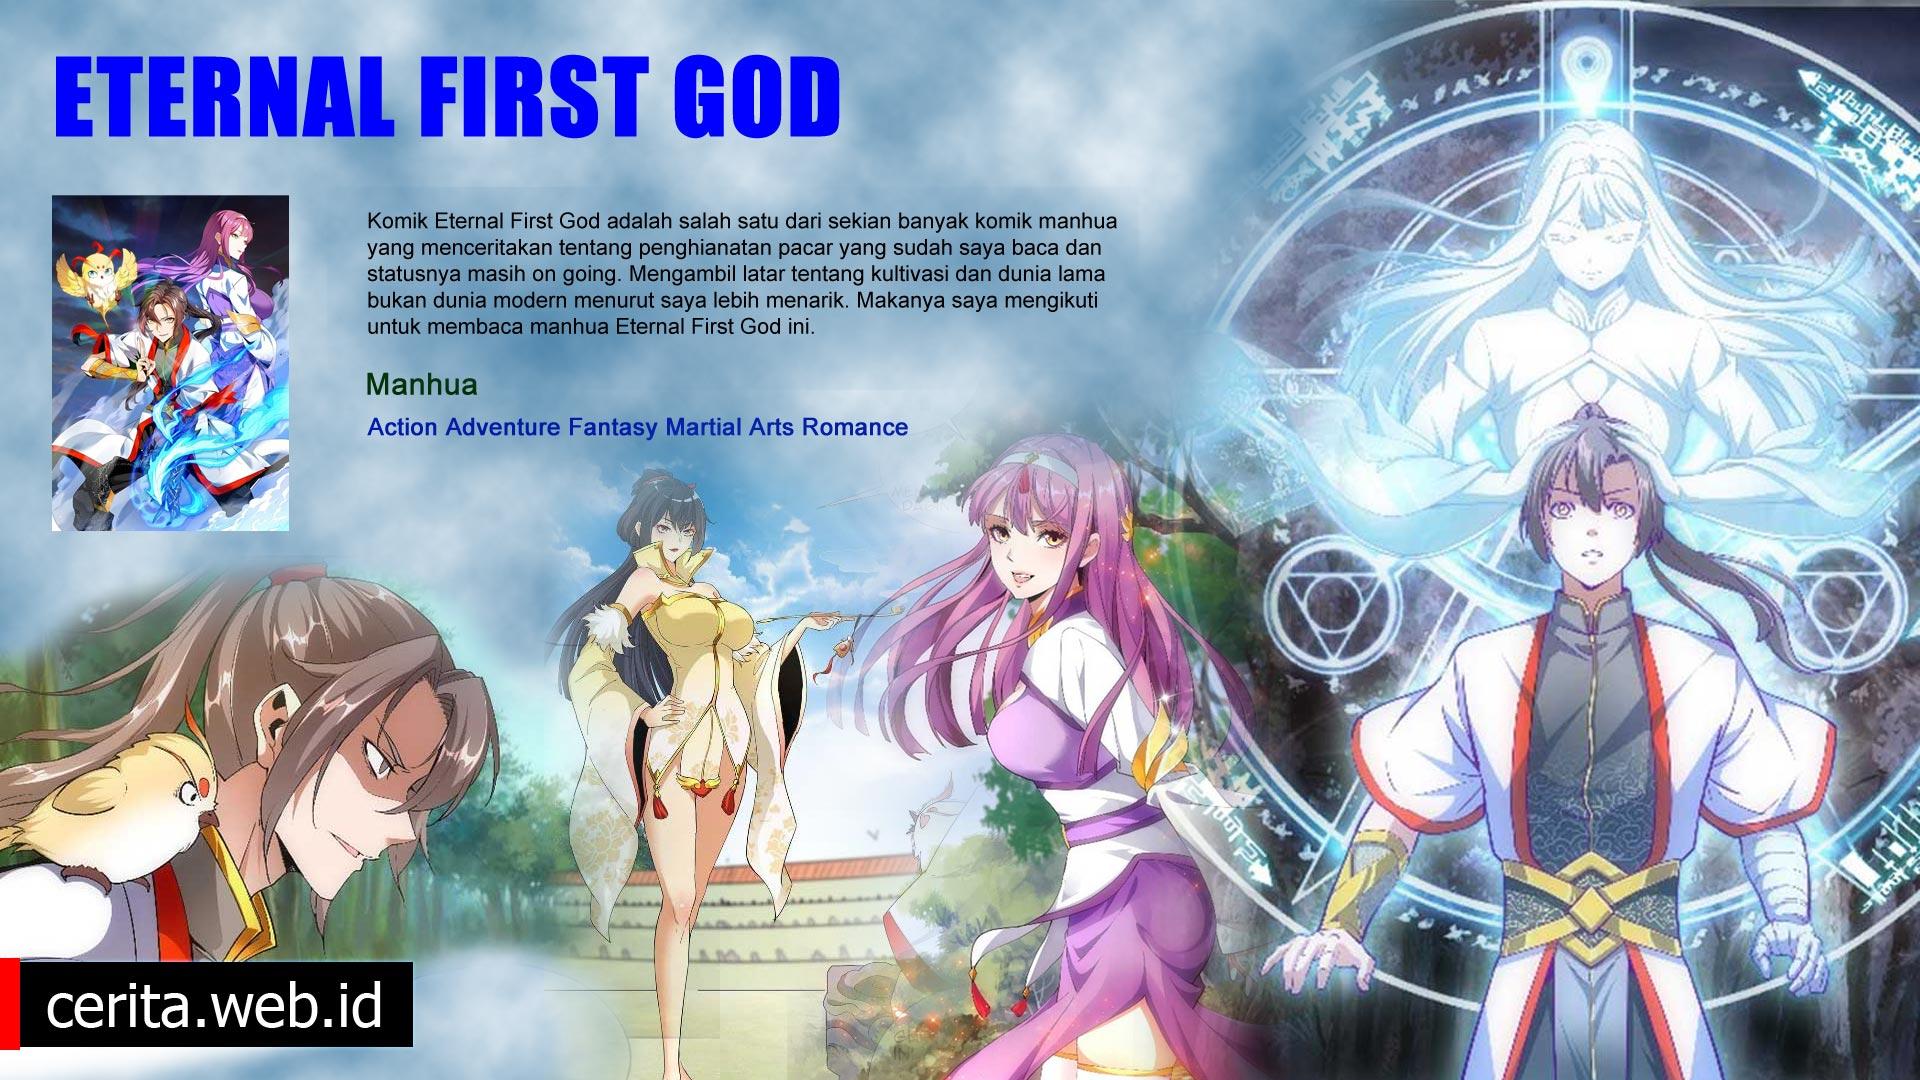 Baca Sinopsis Komik Eternal First God Ketika Dikhianati Pacar